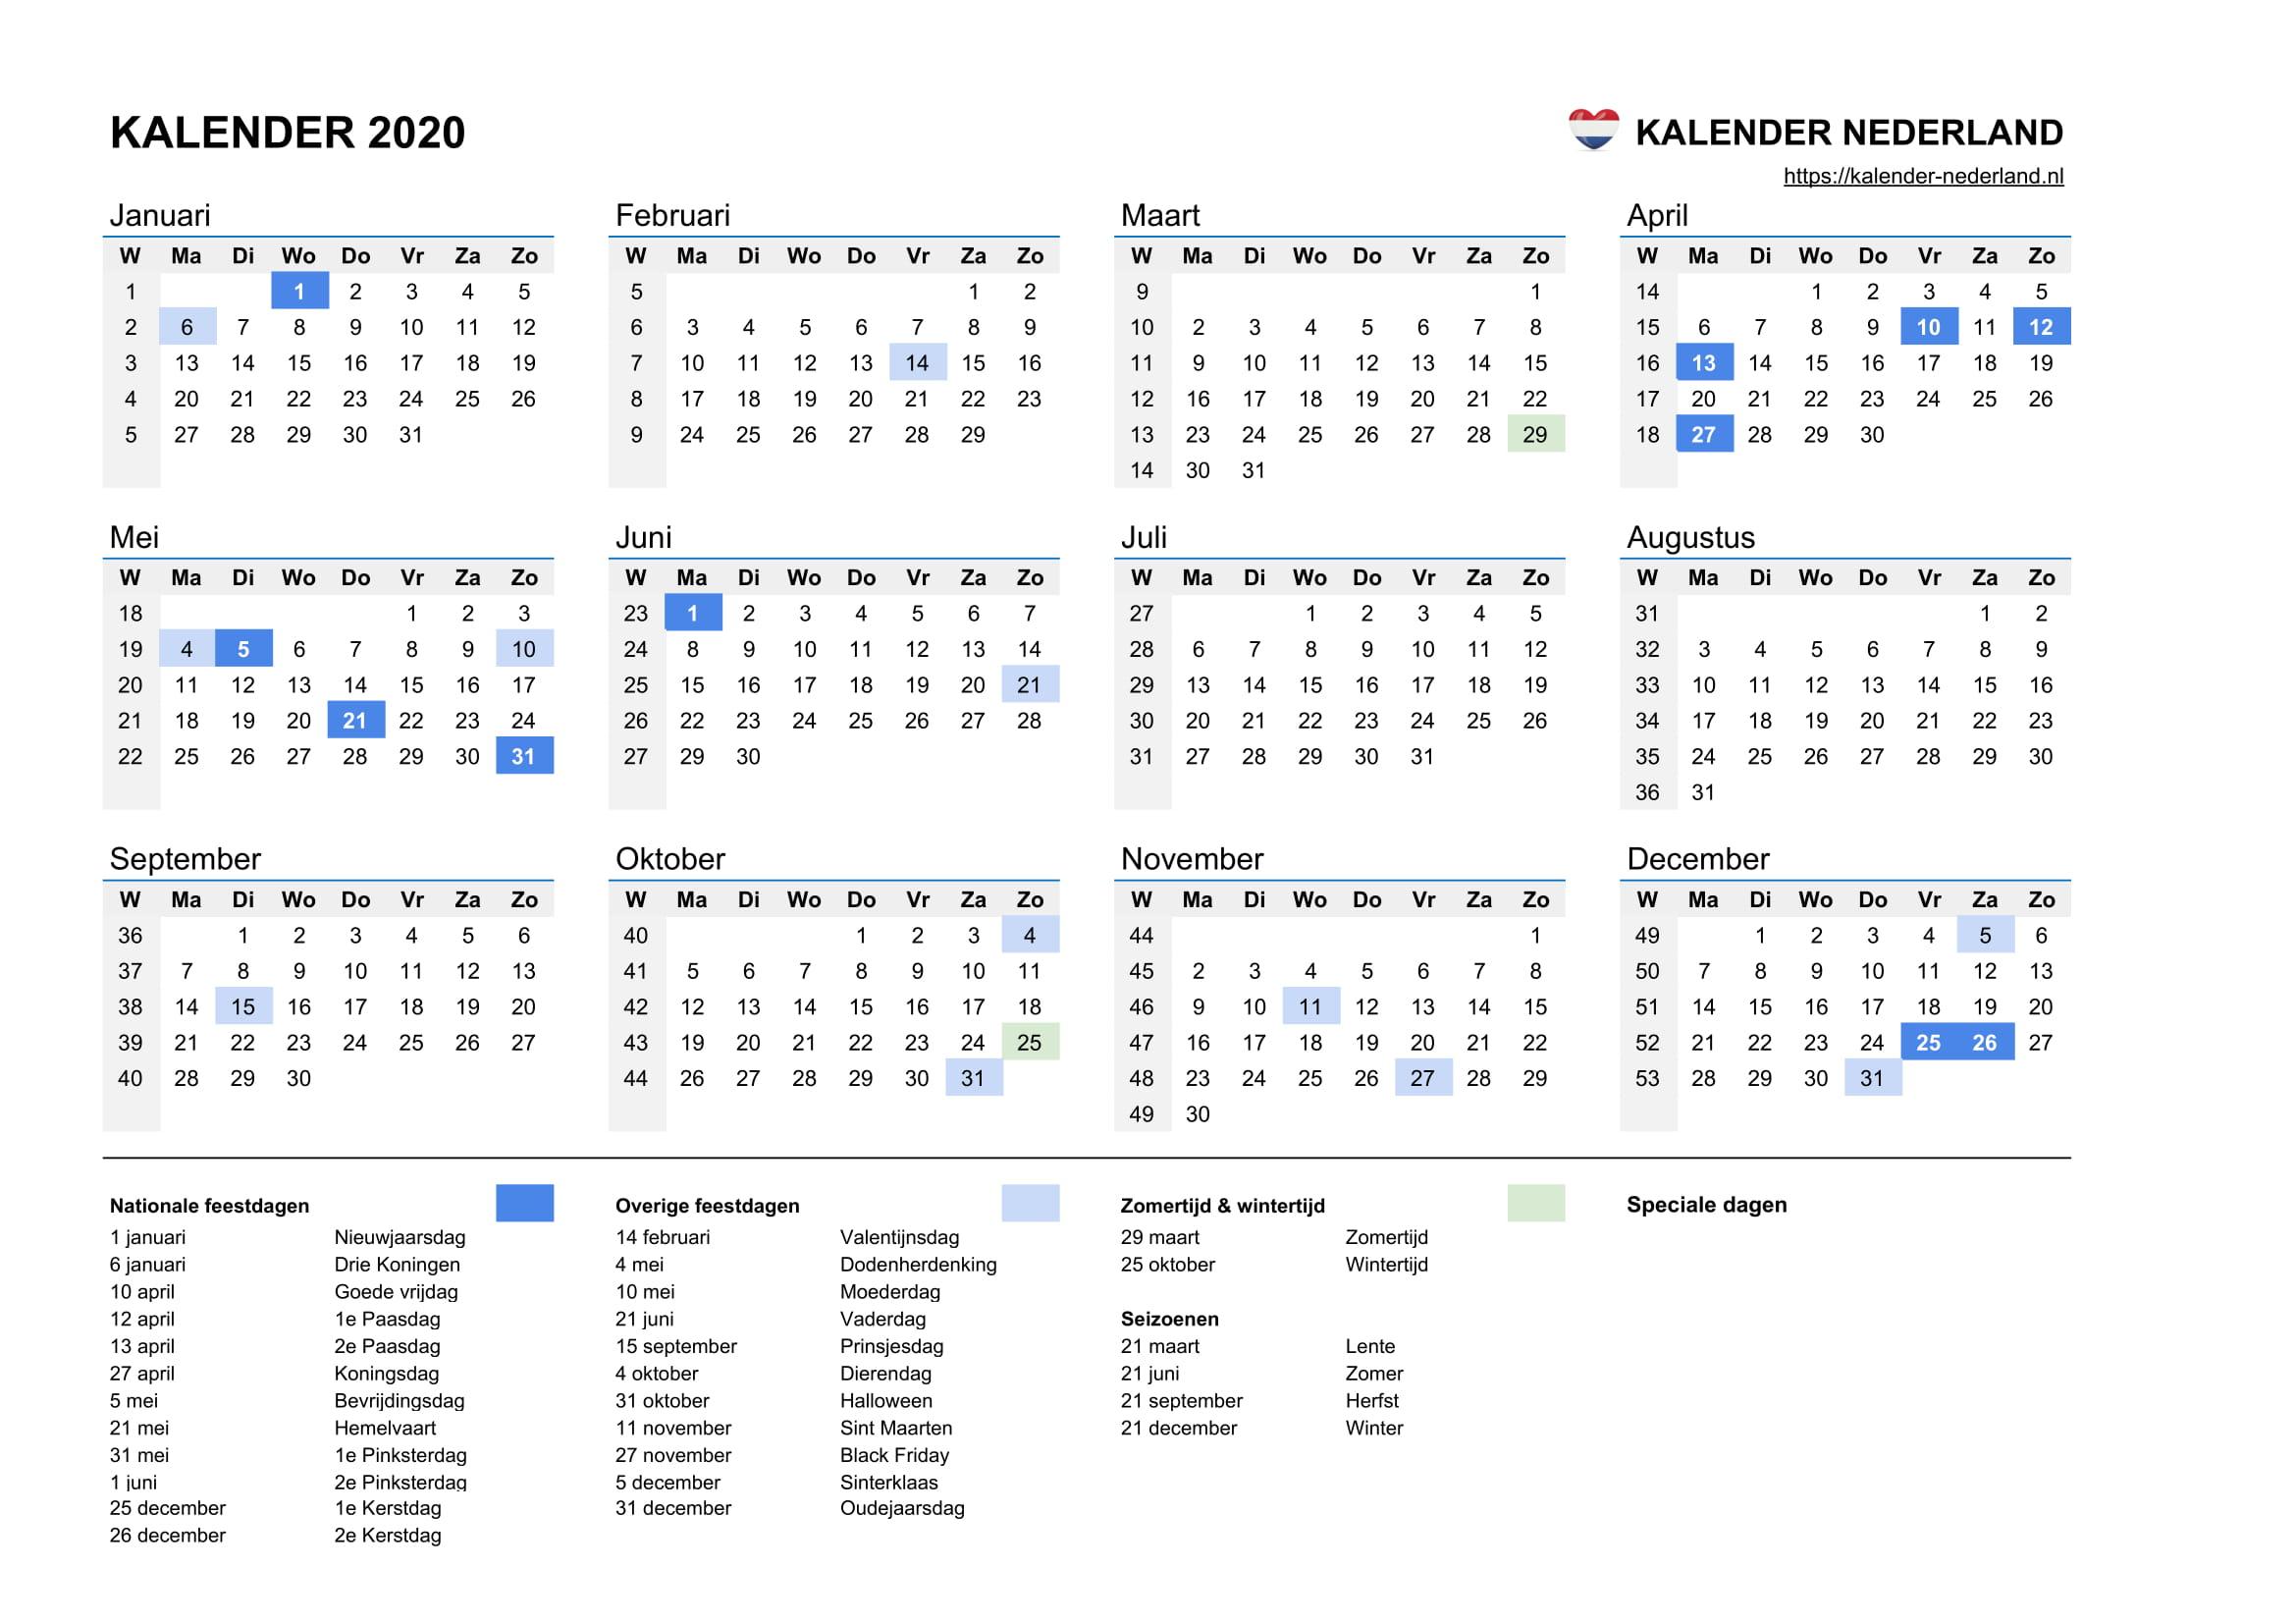 Calendrier Om 2020.Kalender 2020 Kalender Nederland